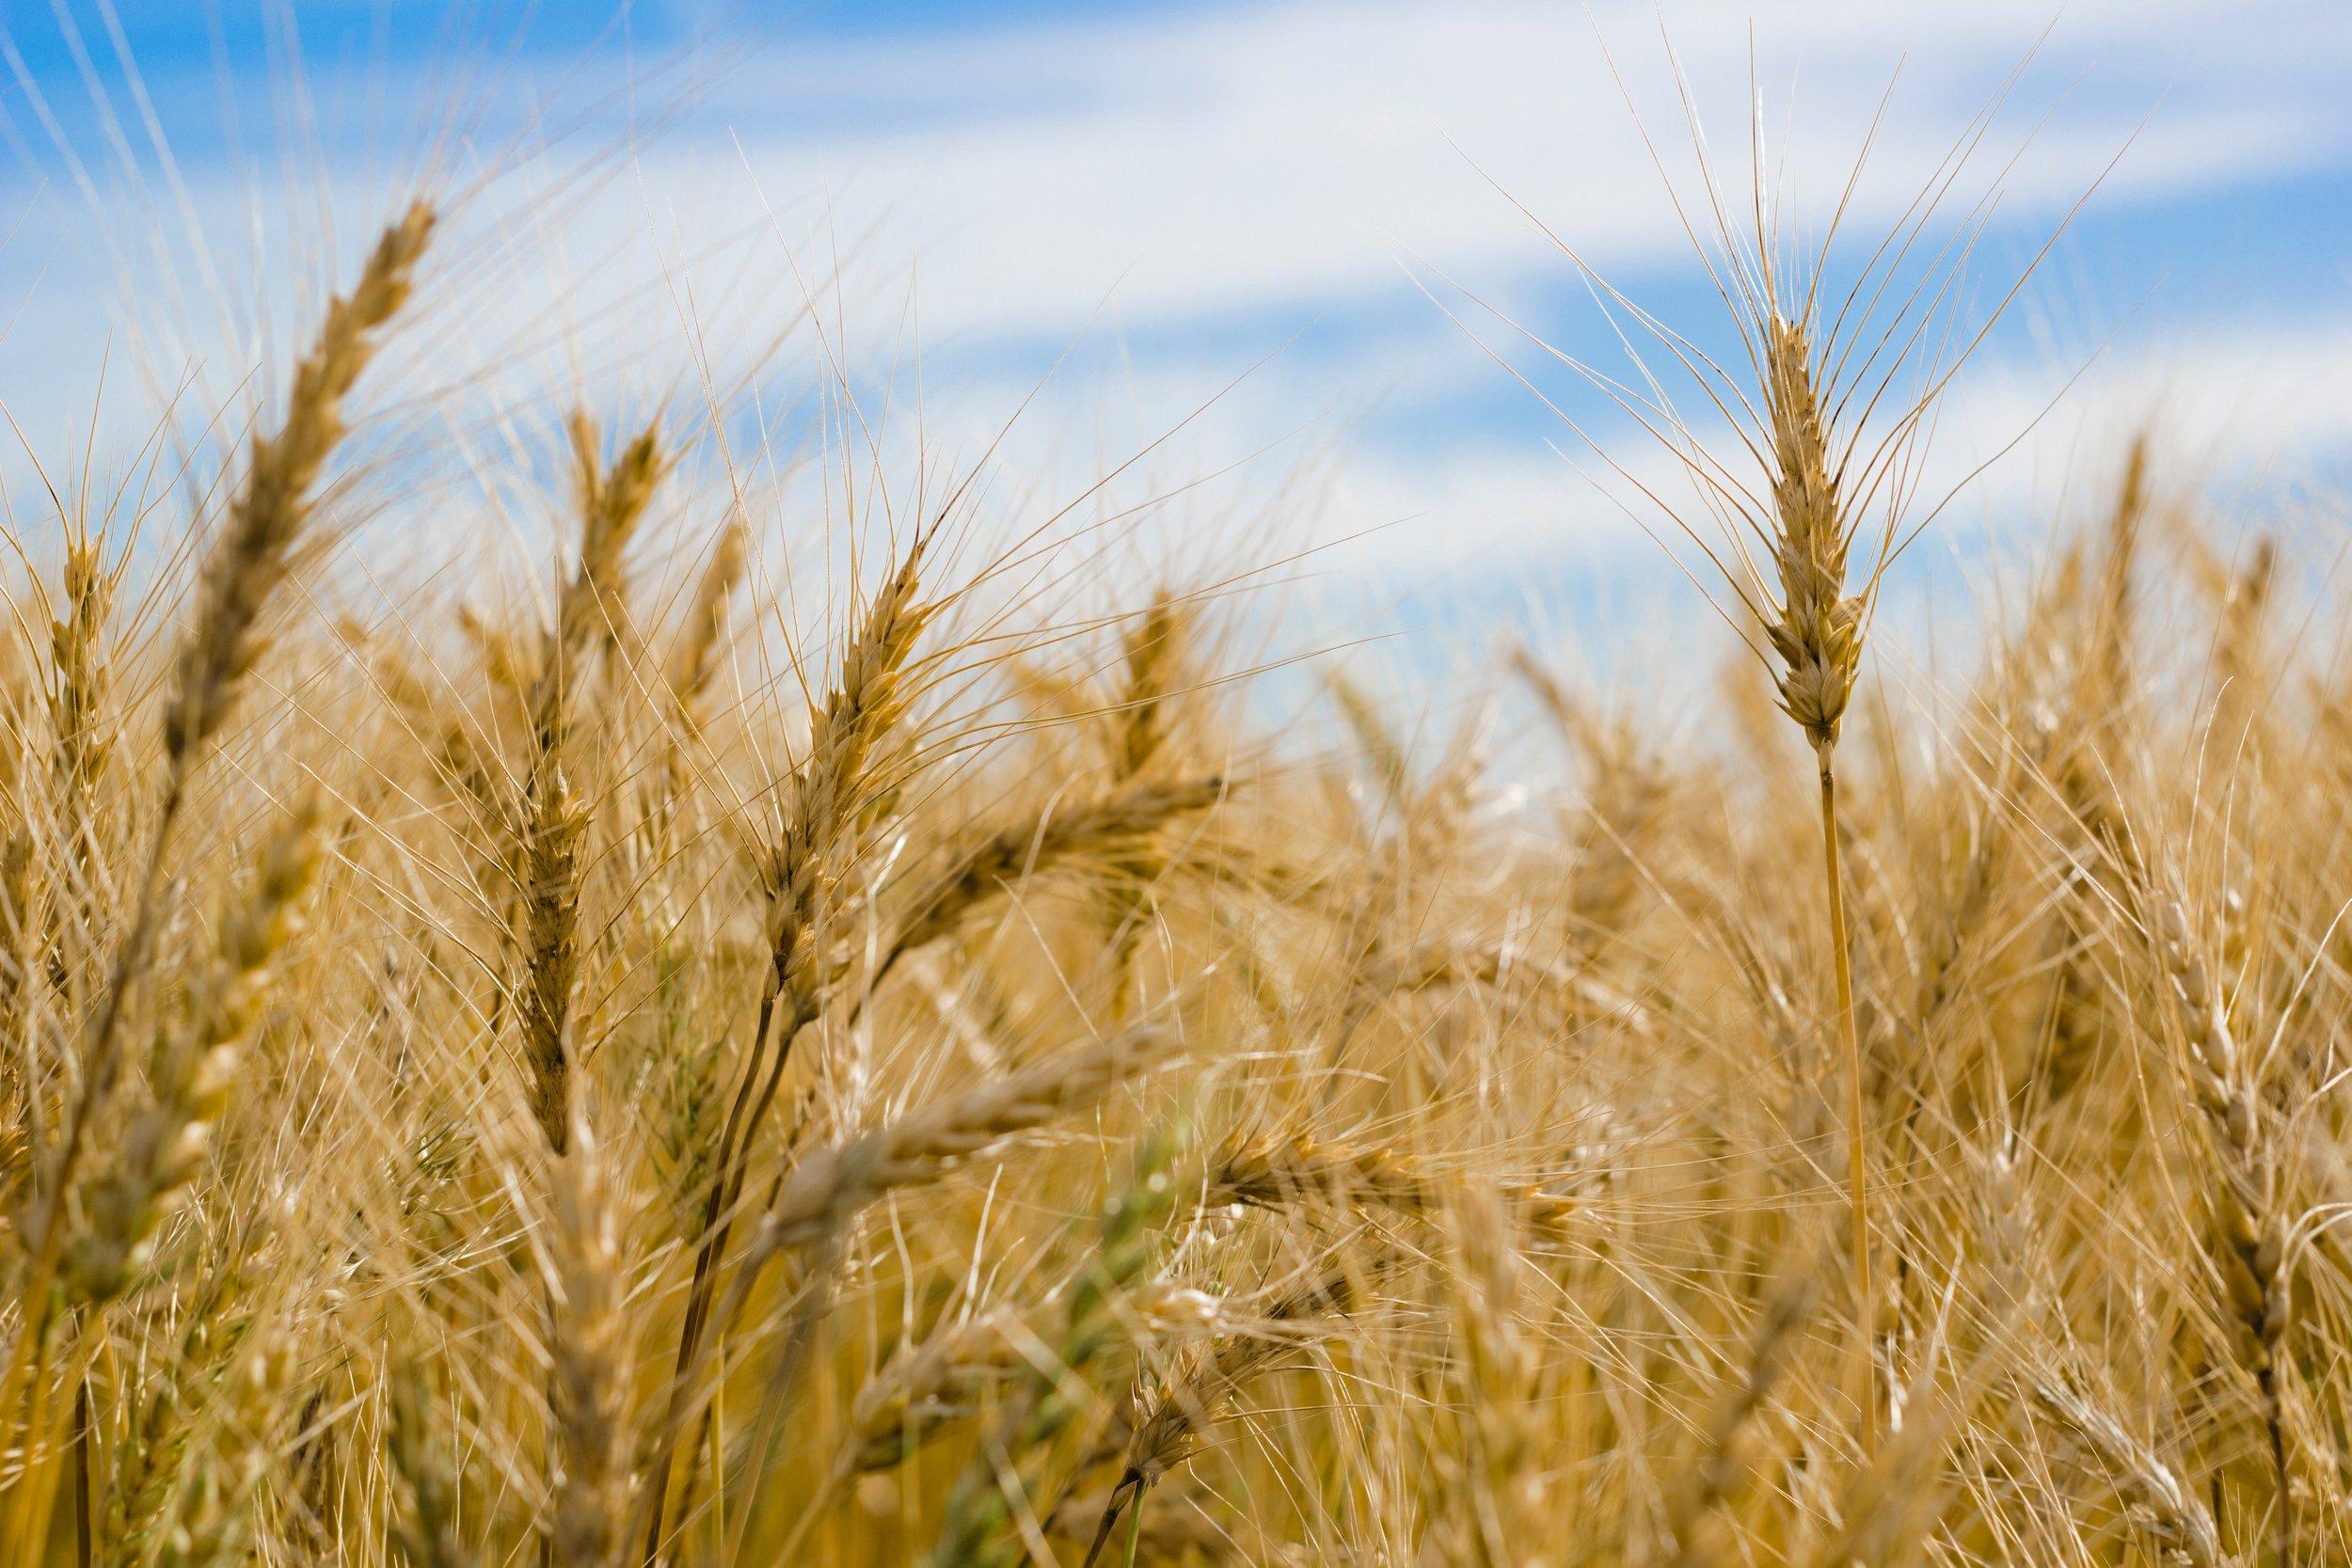 barley-clouds-crop-1093769.jpg